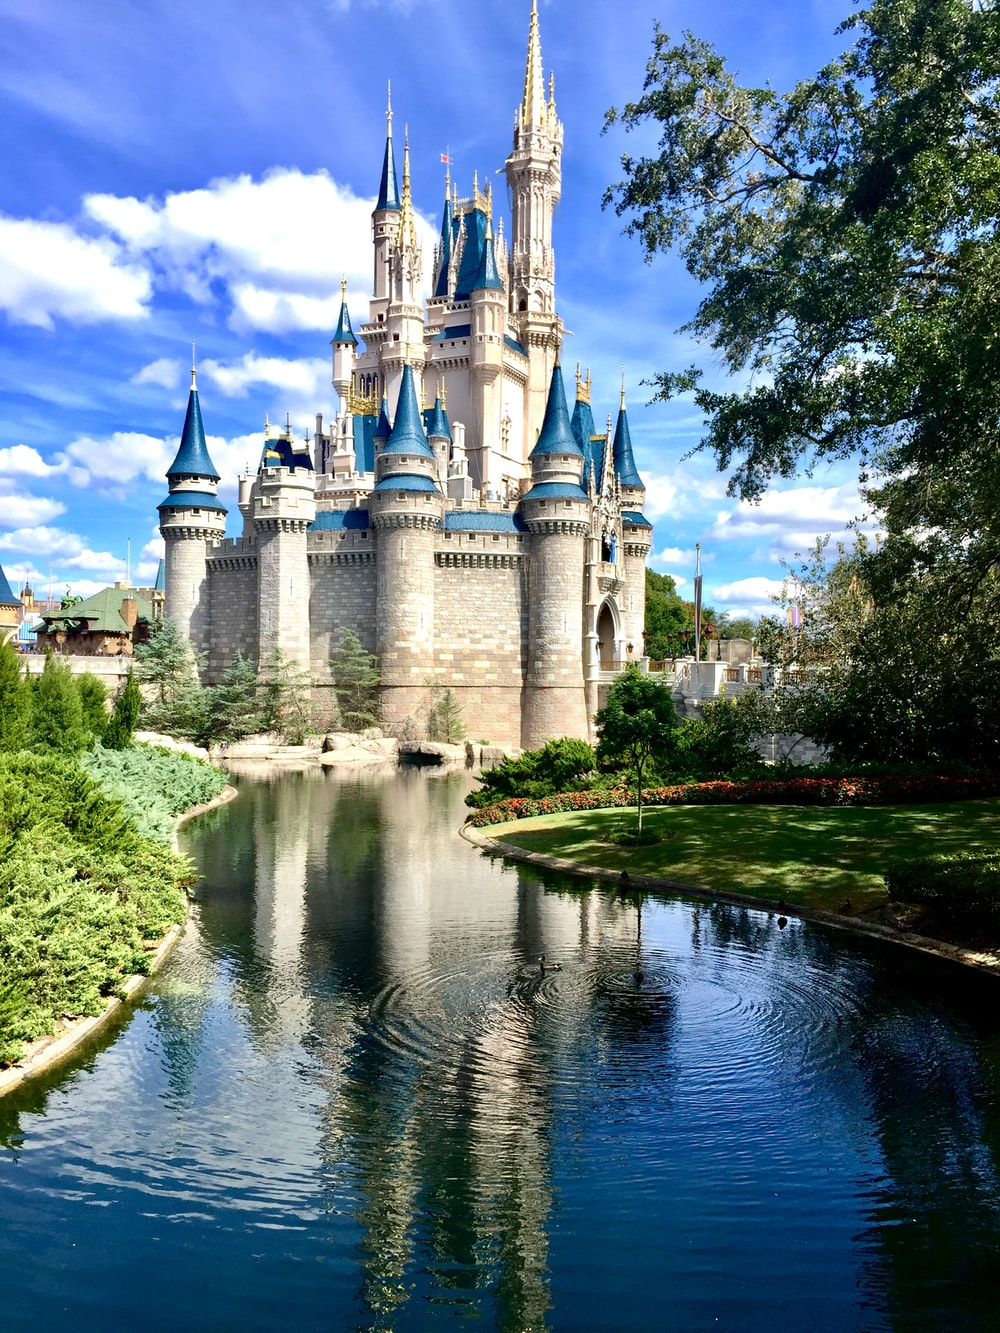 Disney Castle, Singapore